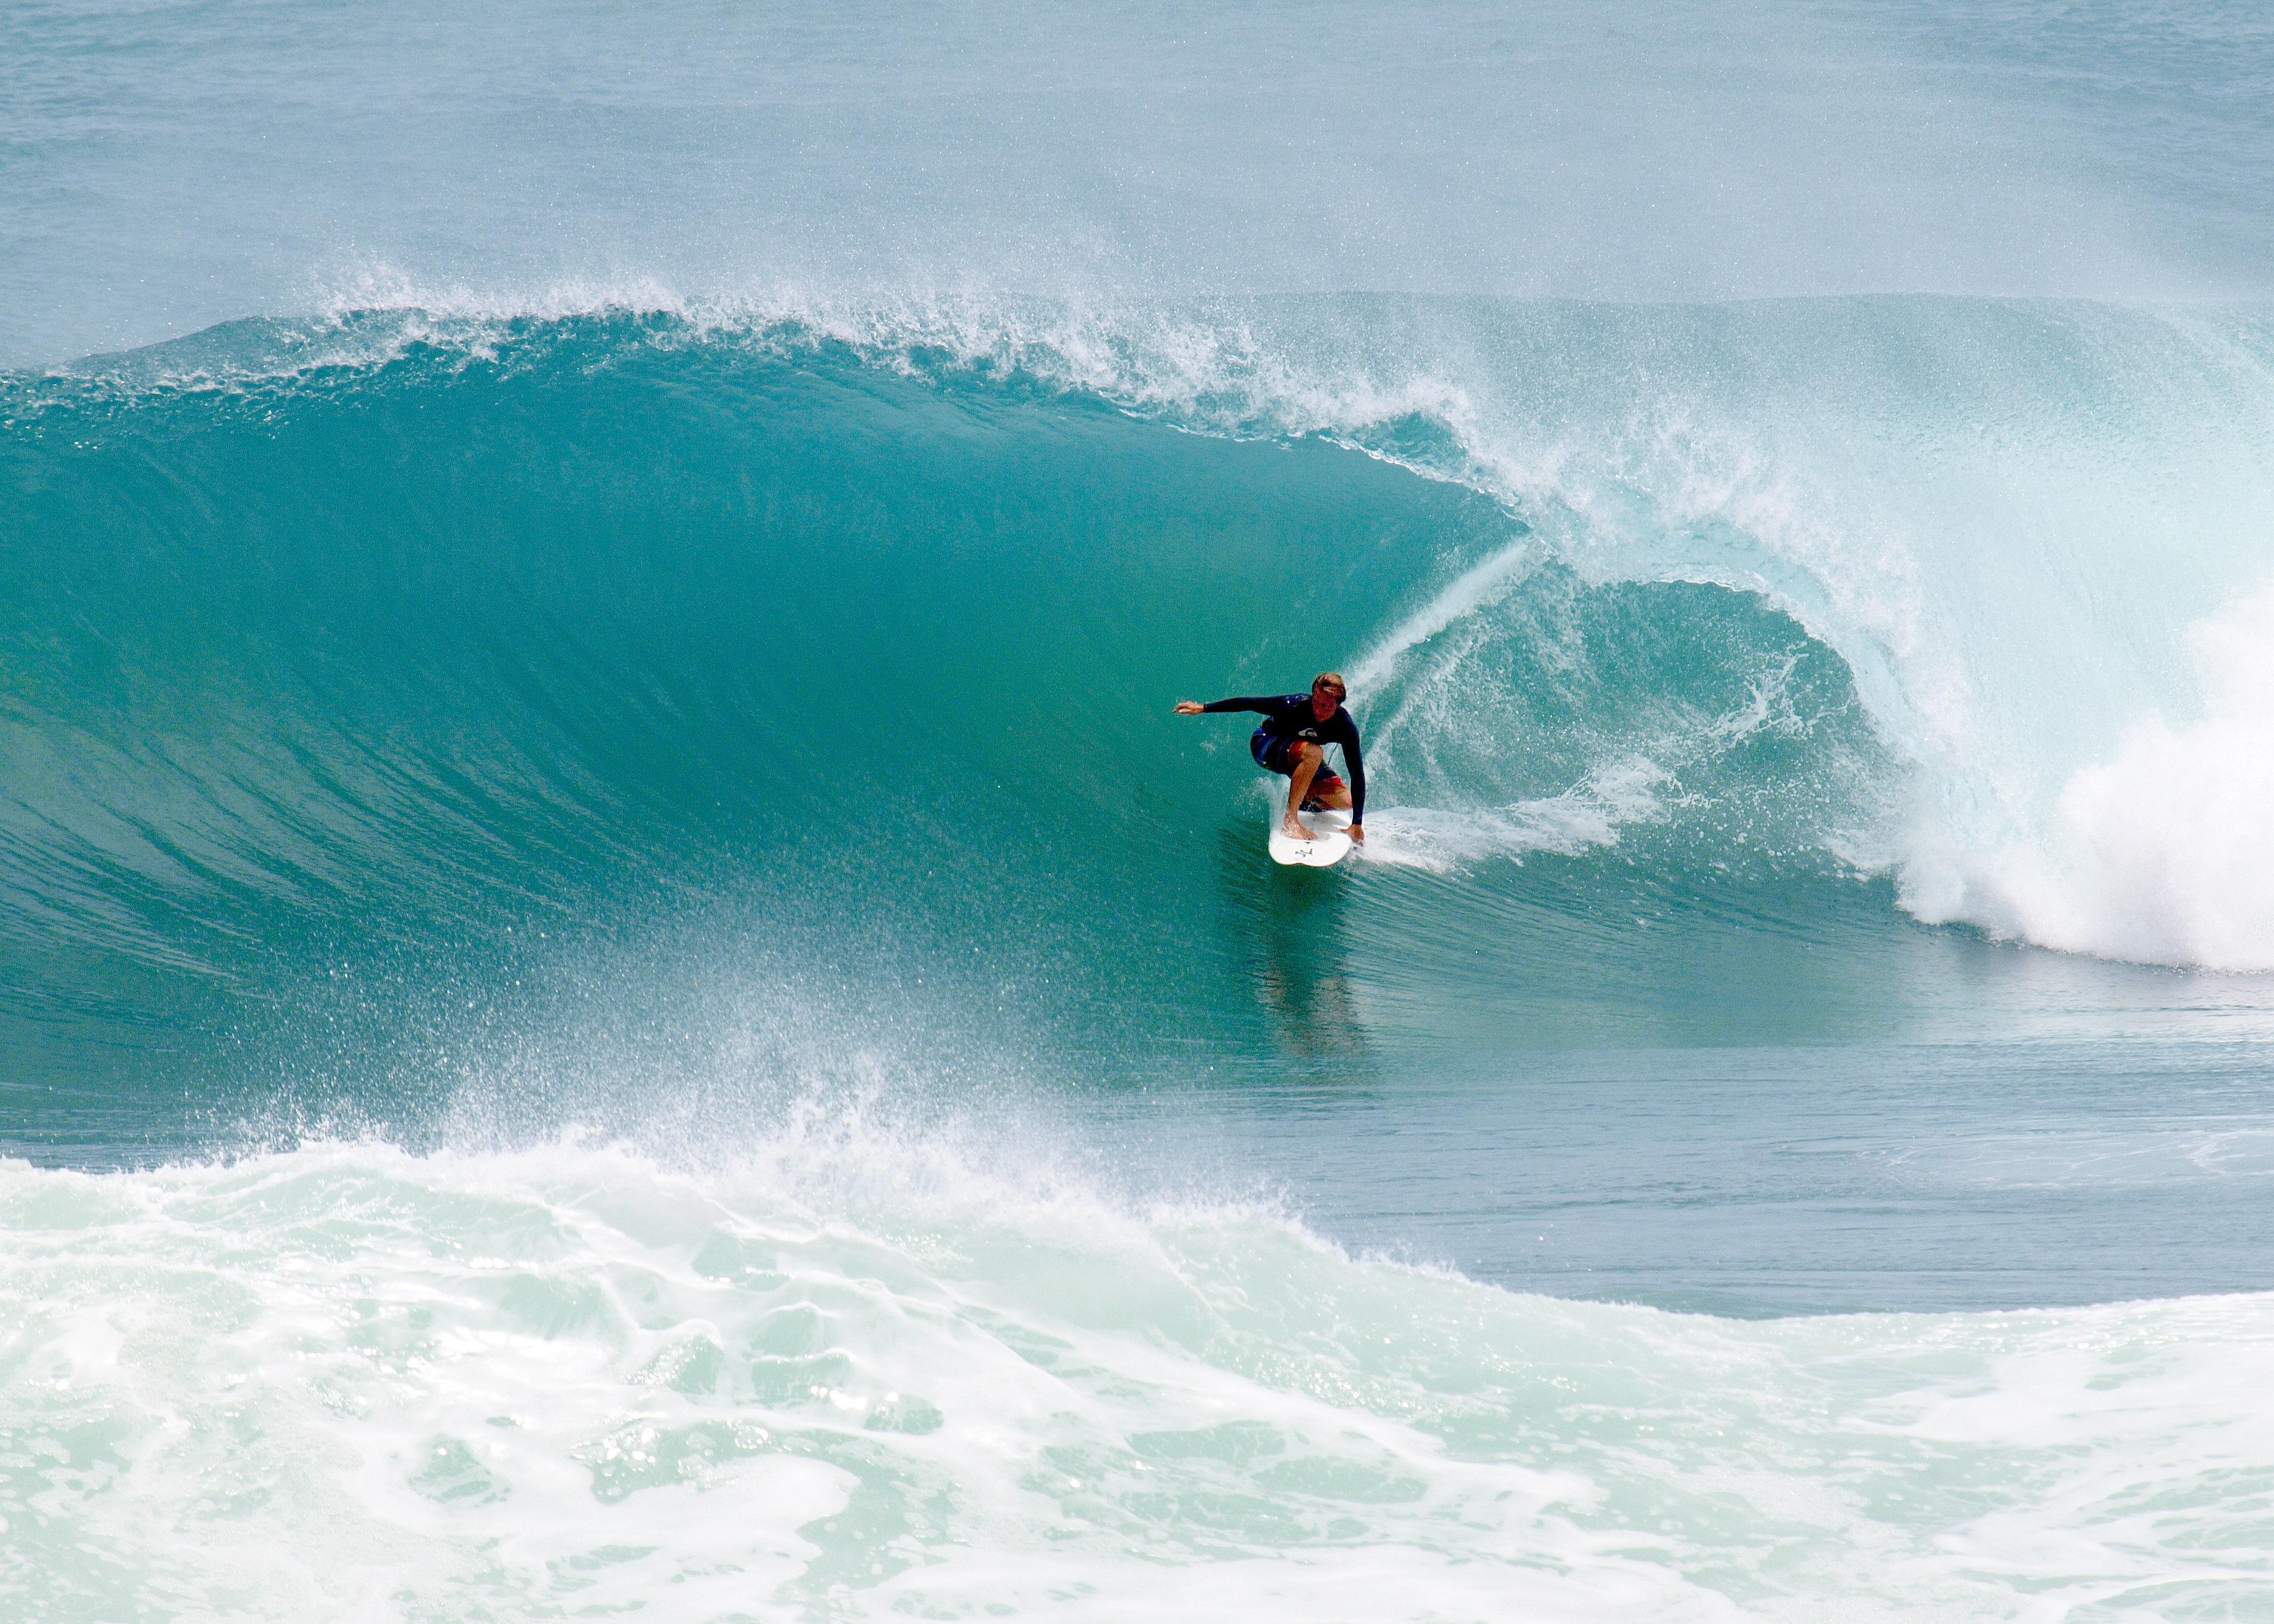 Surf Trips – Agência de viagens, especializada em Surf Trips Barbados - Bathsheba |